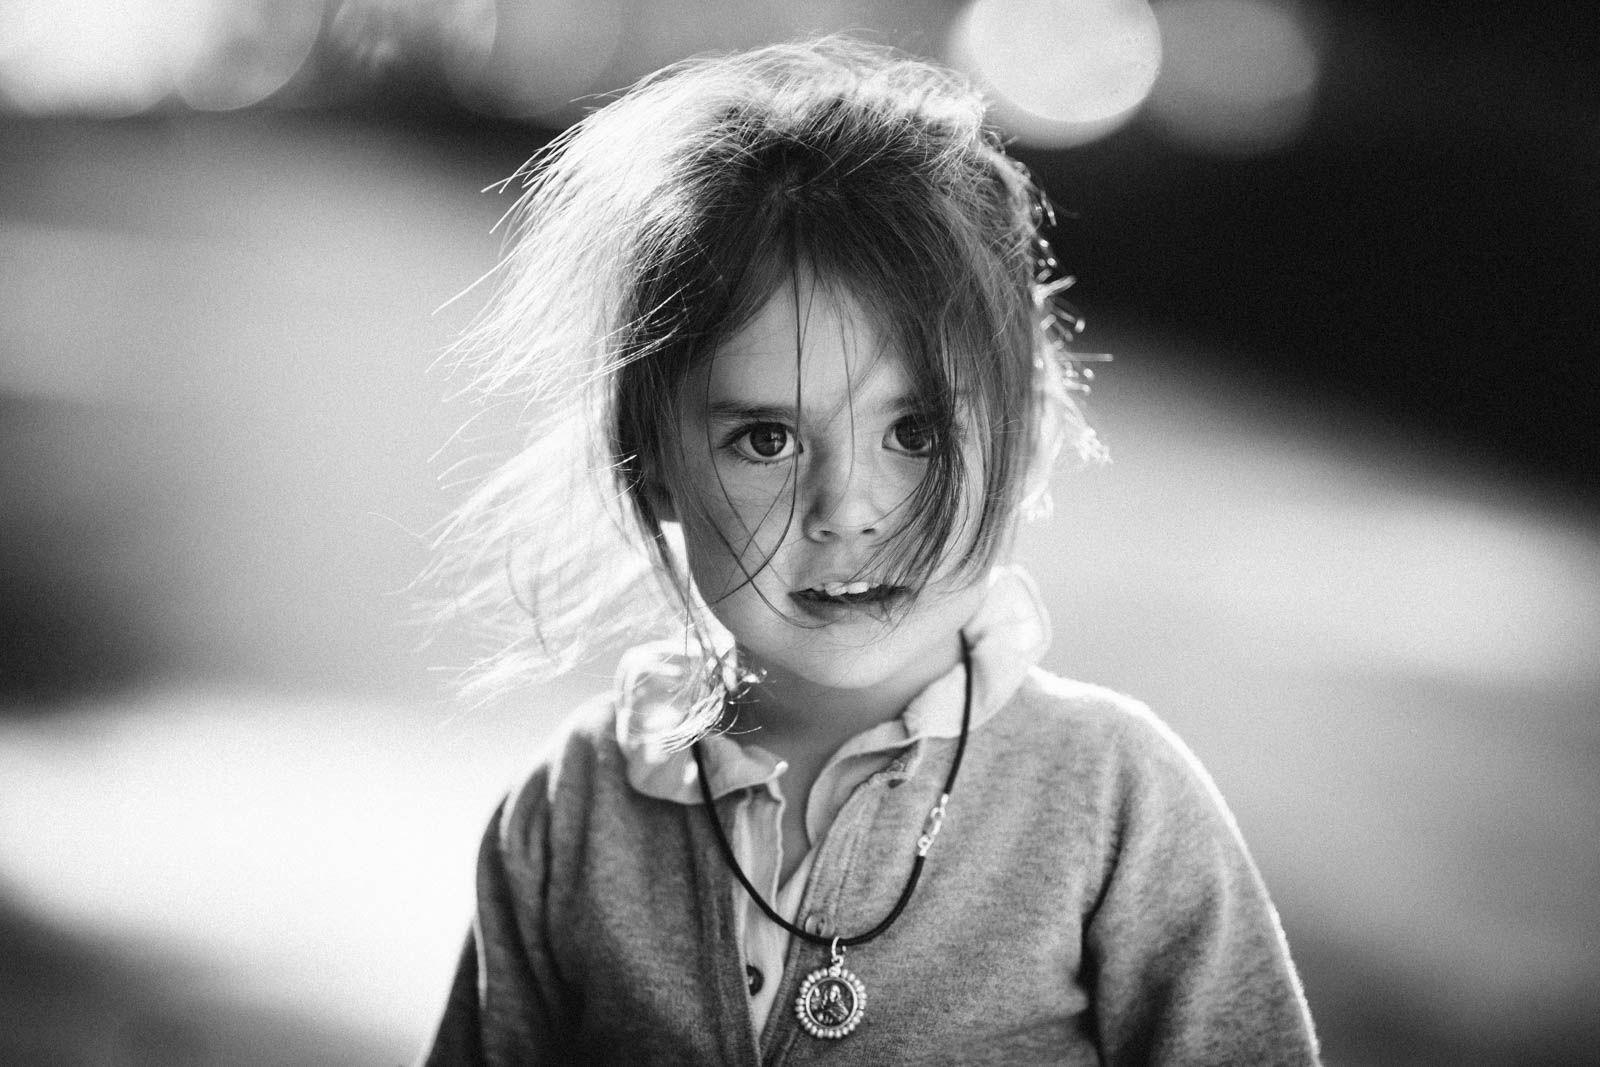 La mirada, el momento inesperado de la foto (pelo), el blanco y negro, el desenfoque.